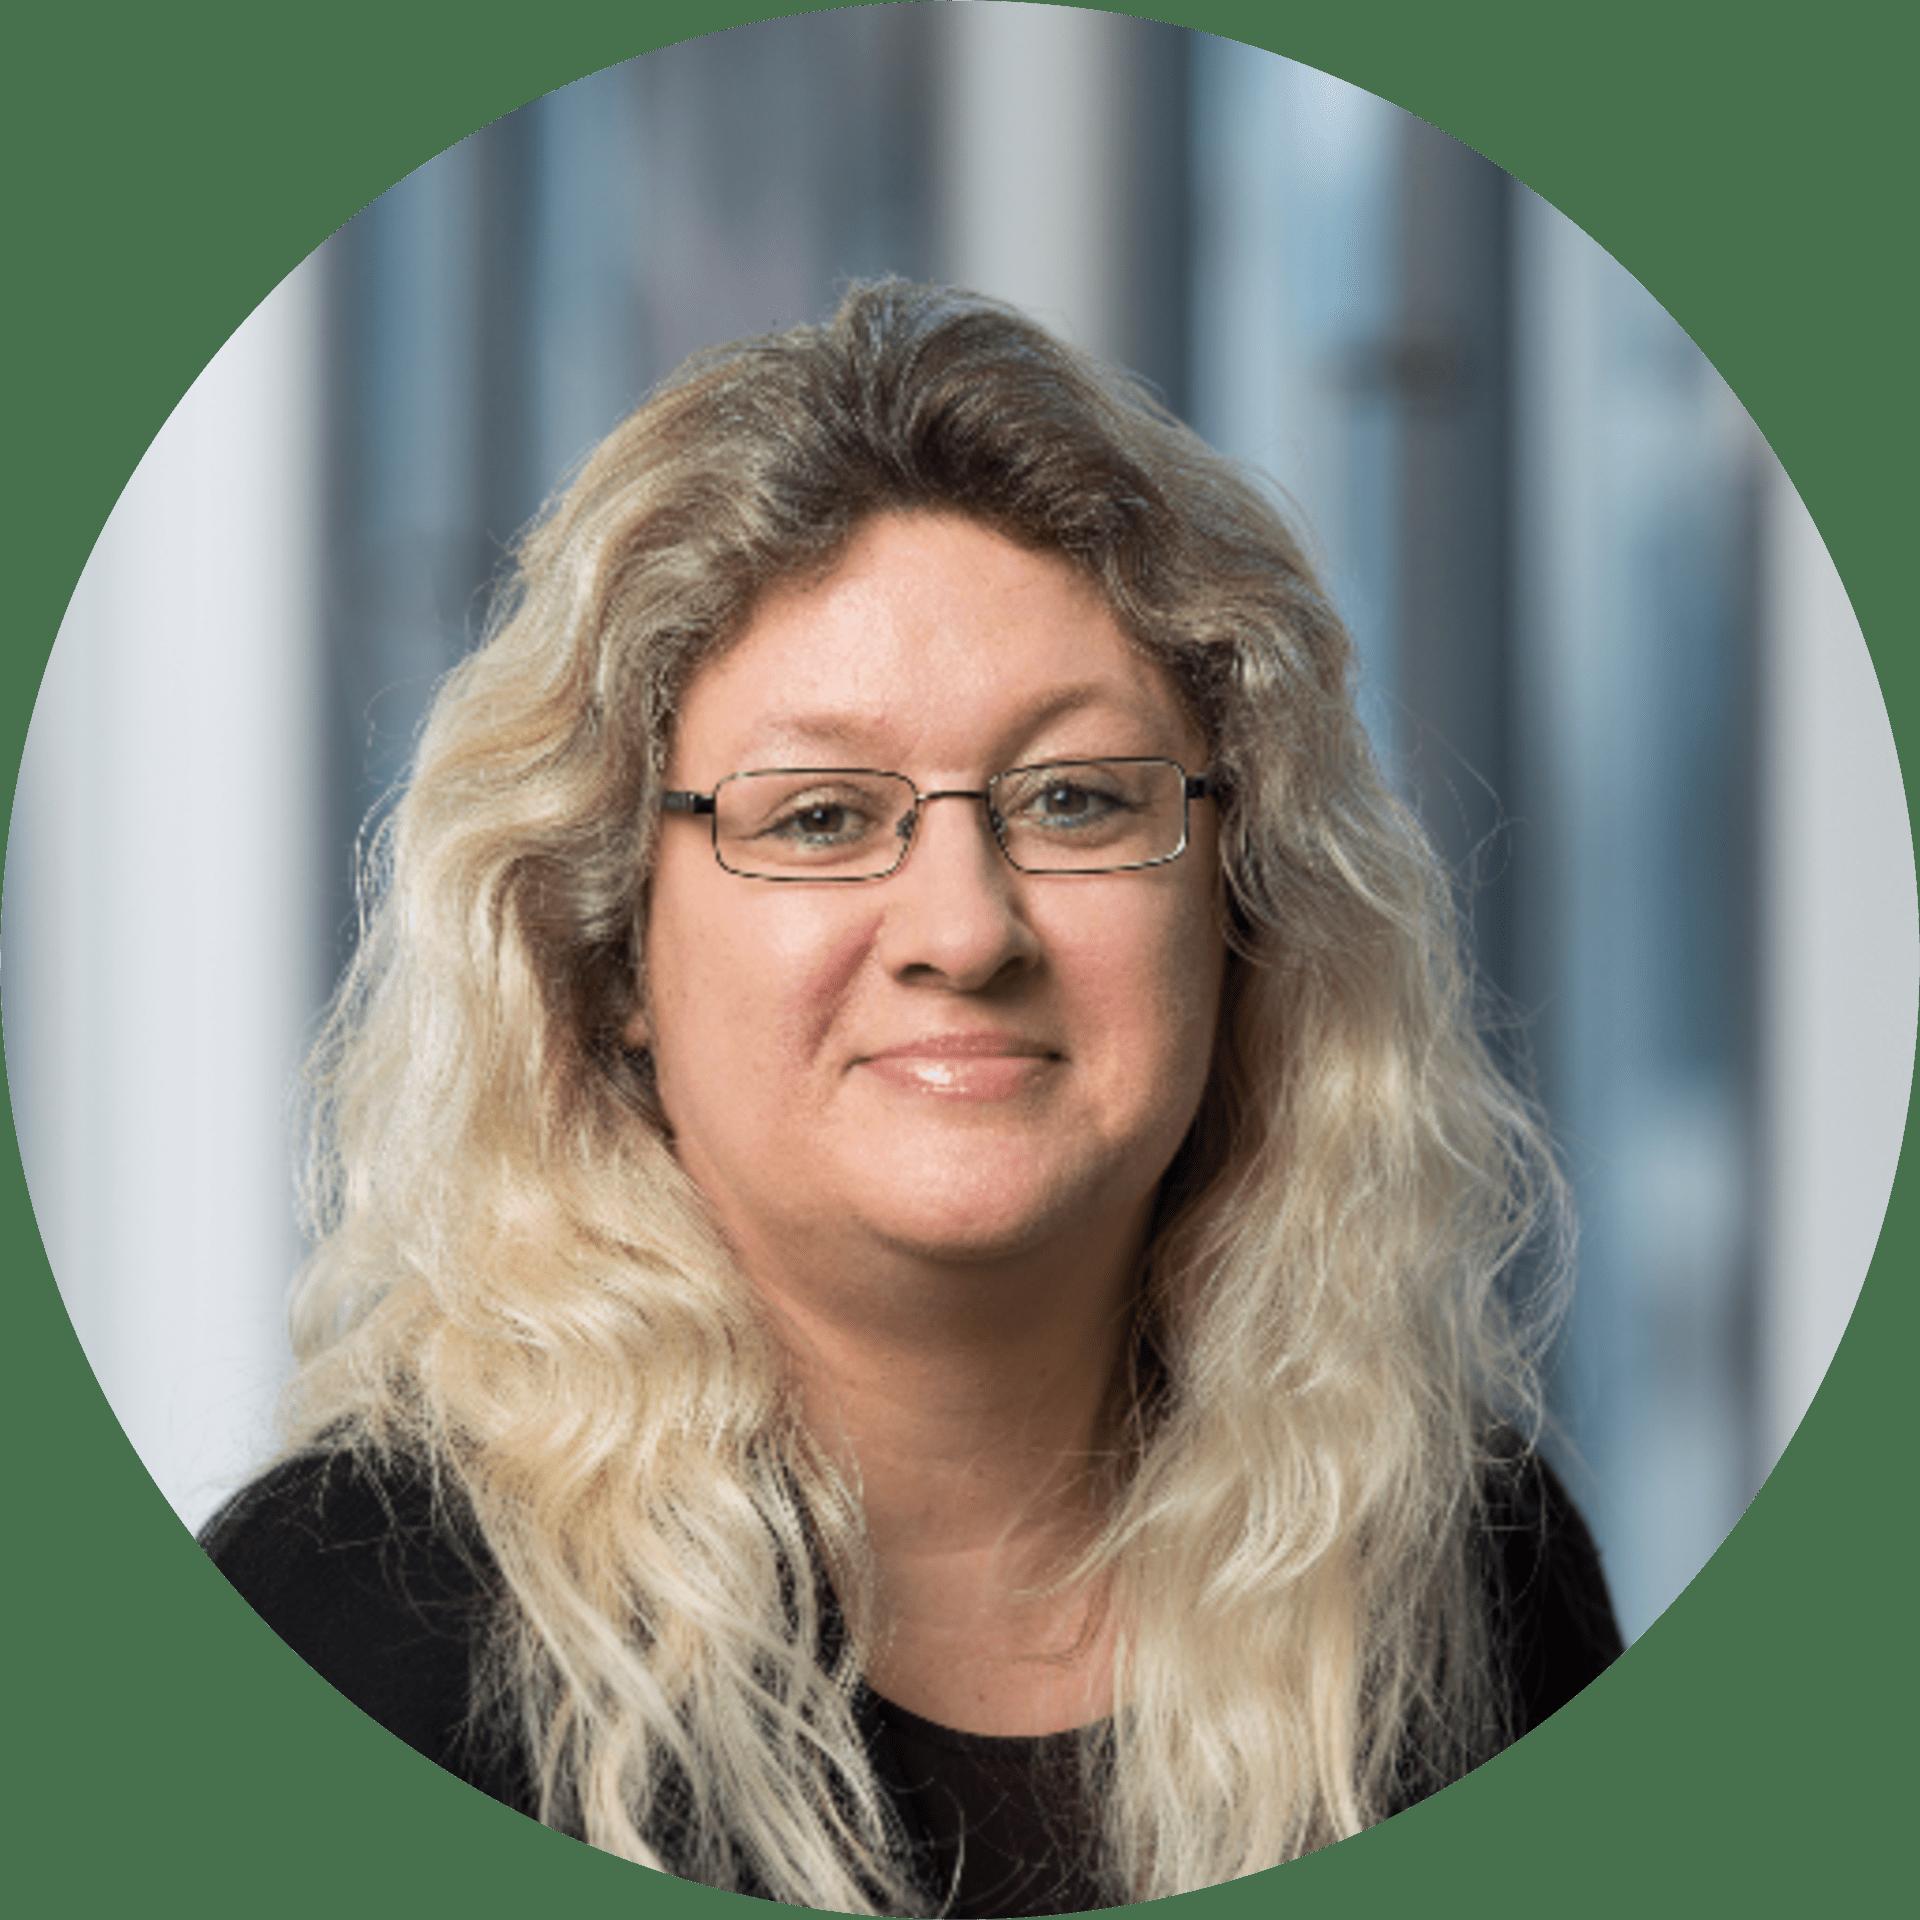 company contact Karin Bomberka